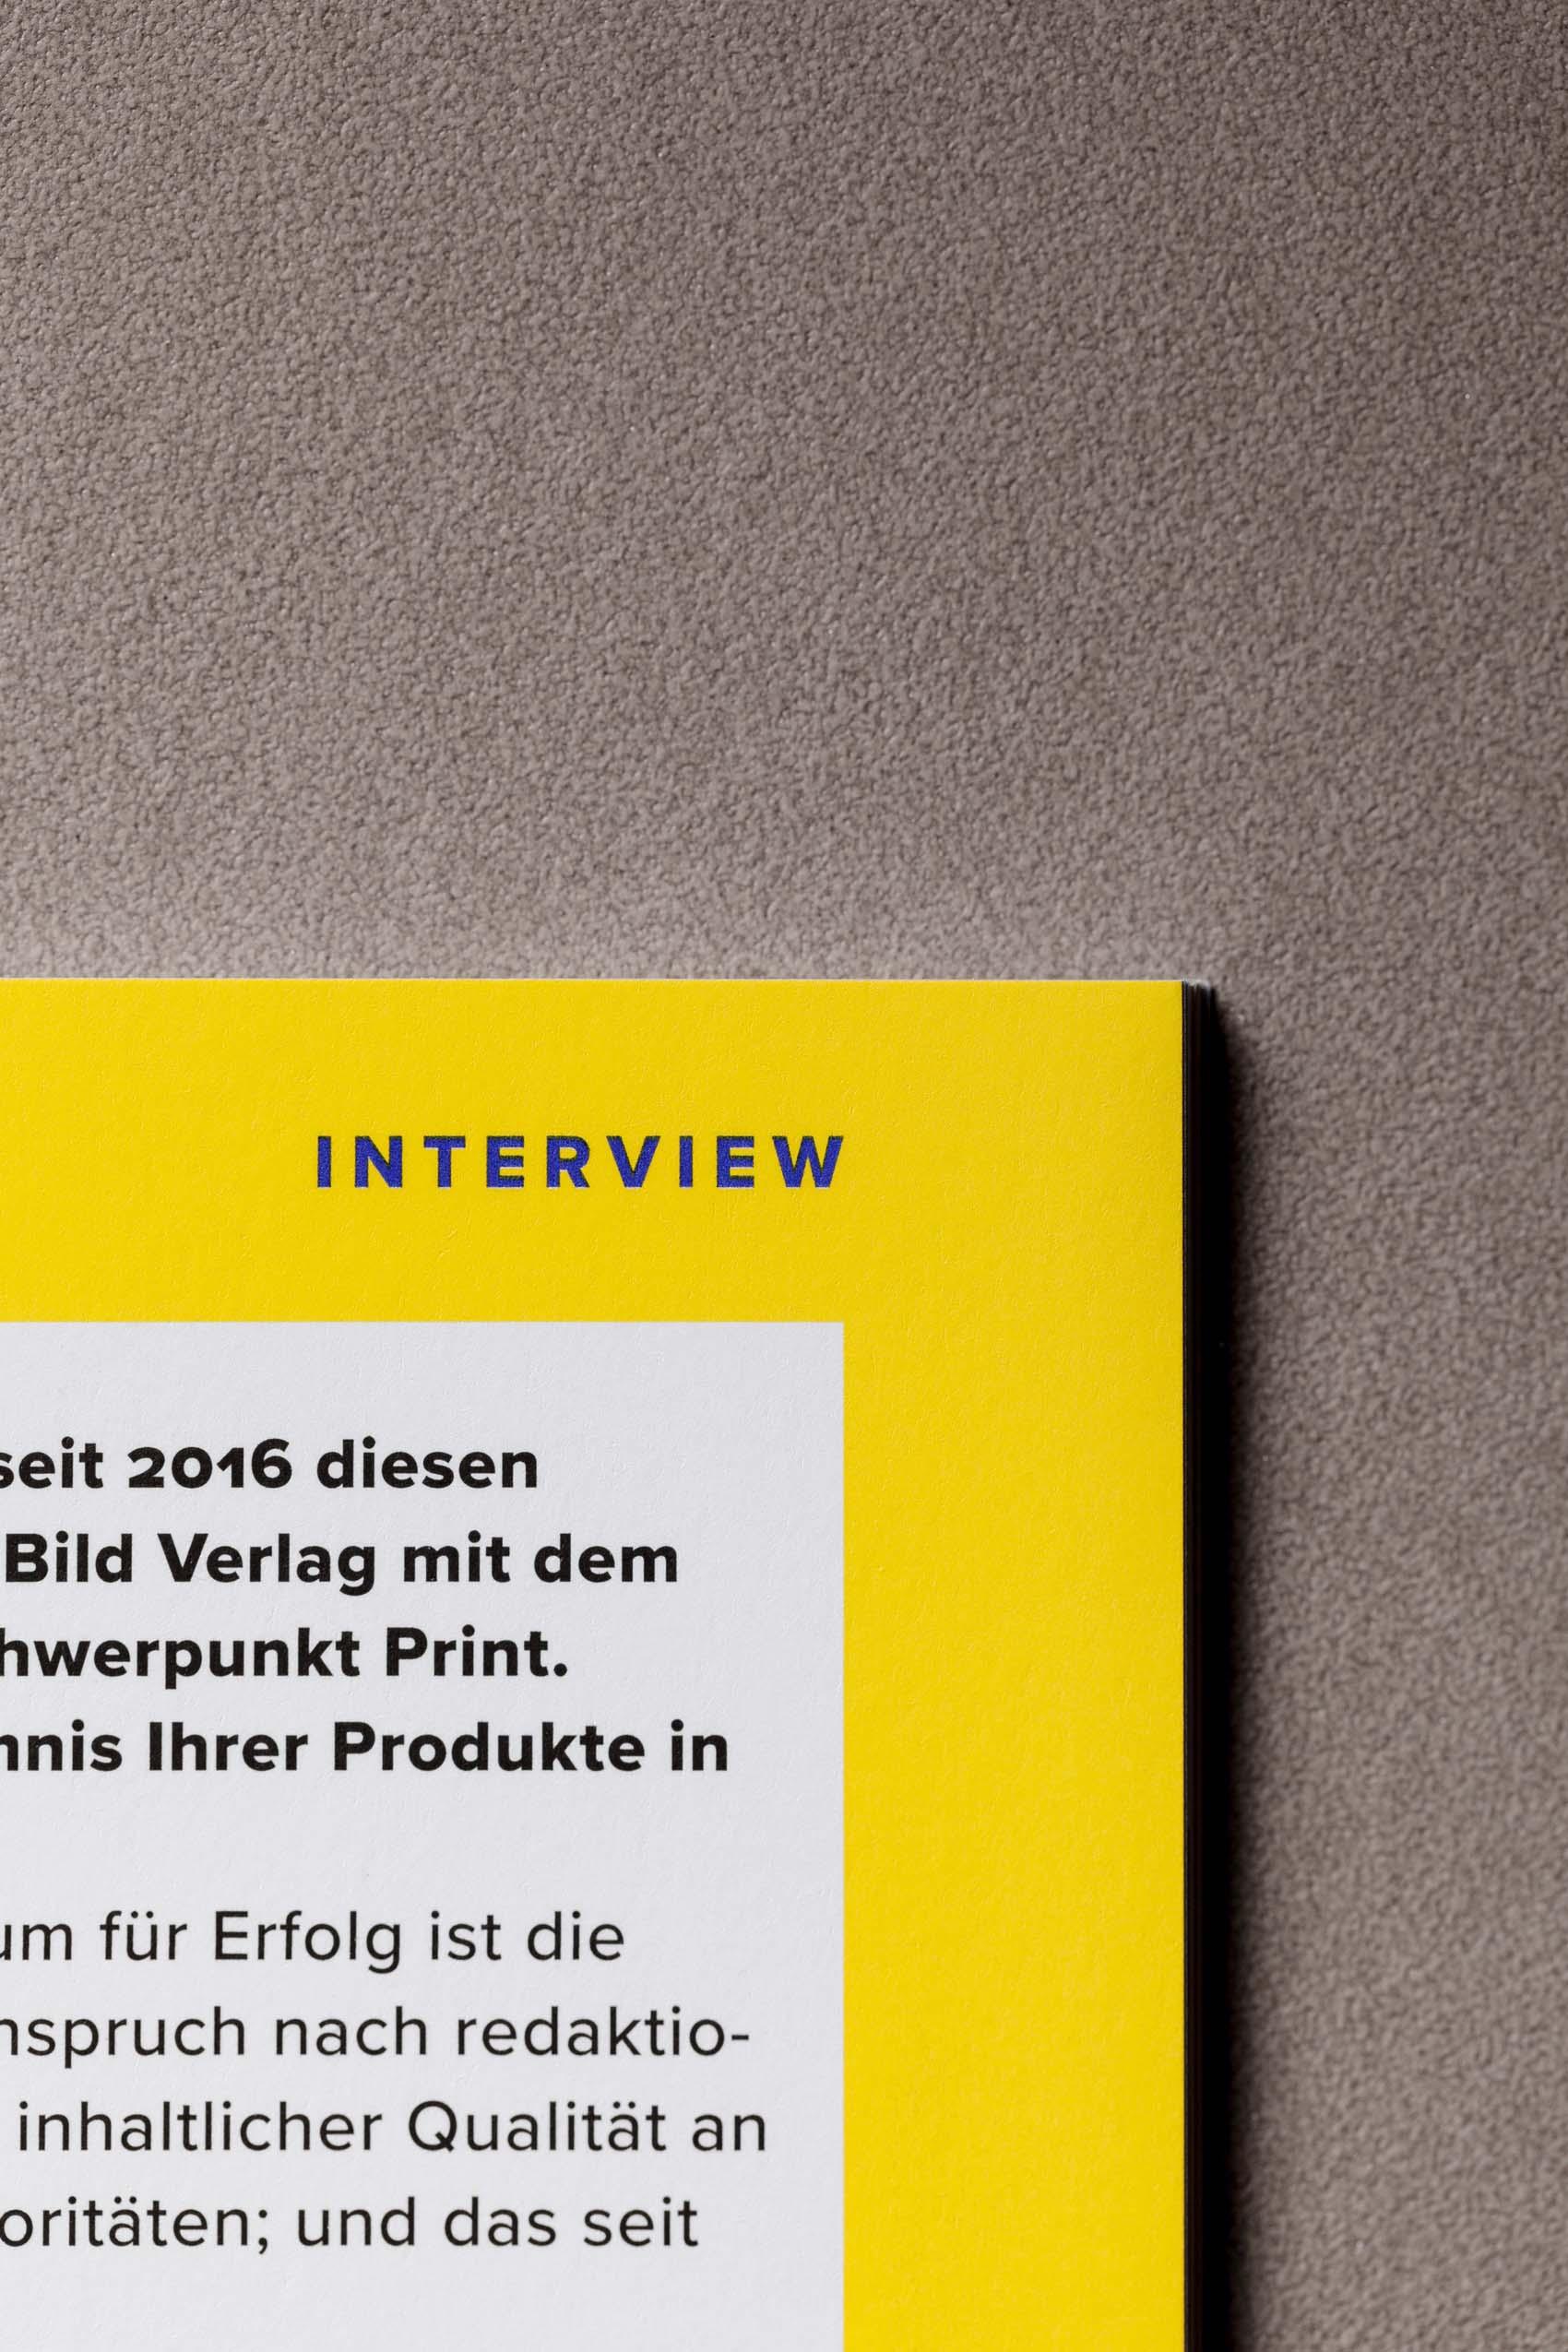 Interessante Farben, spannende Themen – Magazindesign fürs Jahresheft des VZB München